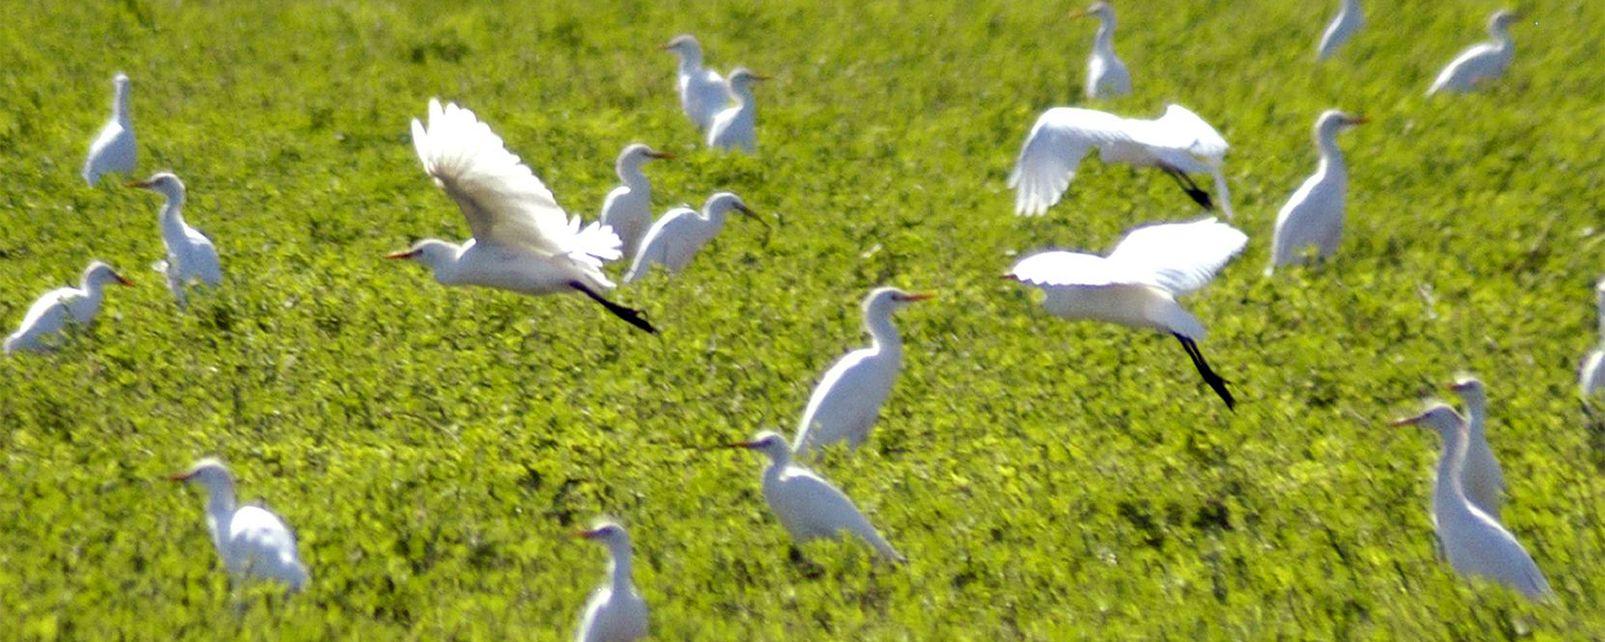 La faune et la flore, aigrette, Andalousie, espagne, europe, faune, oiseau, animal, baie, cadix, échassier